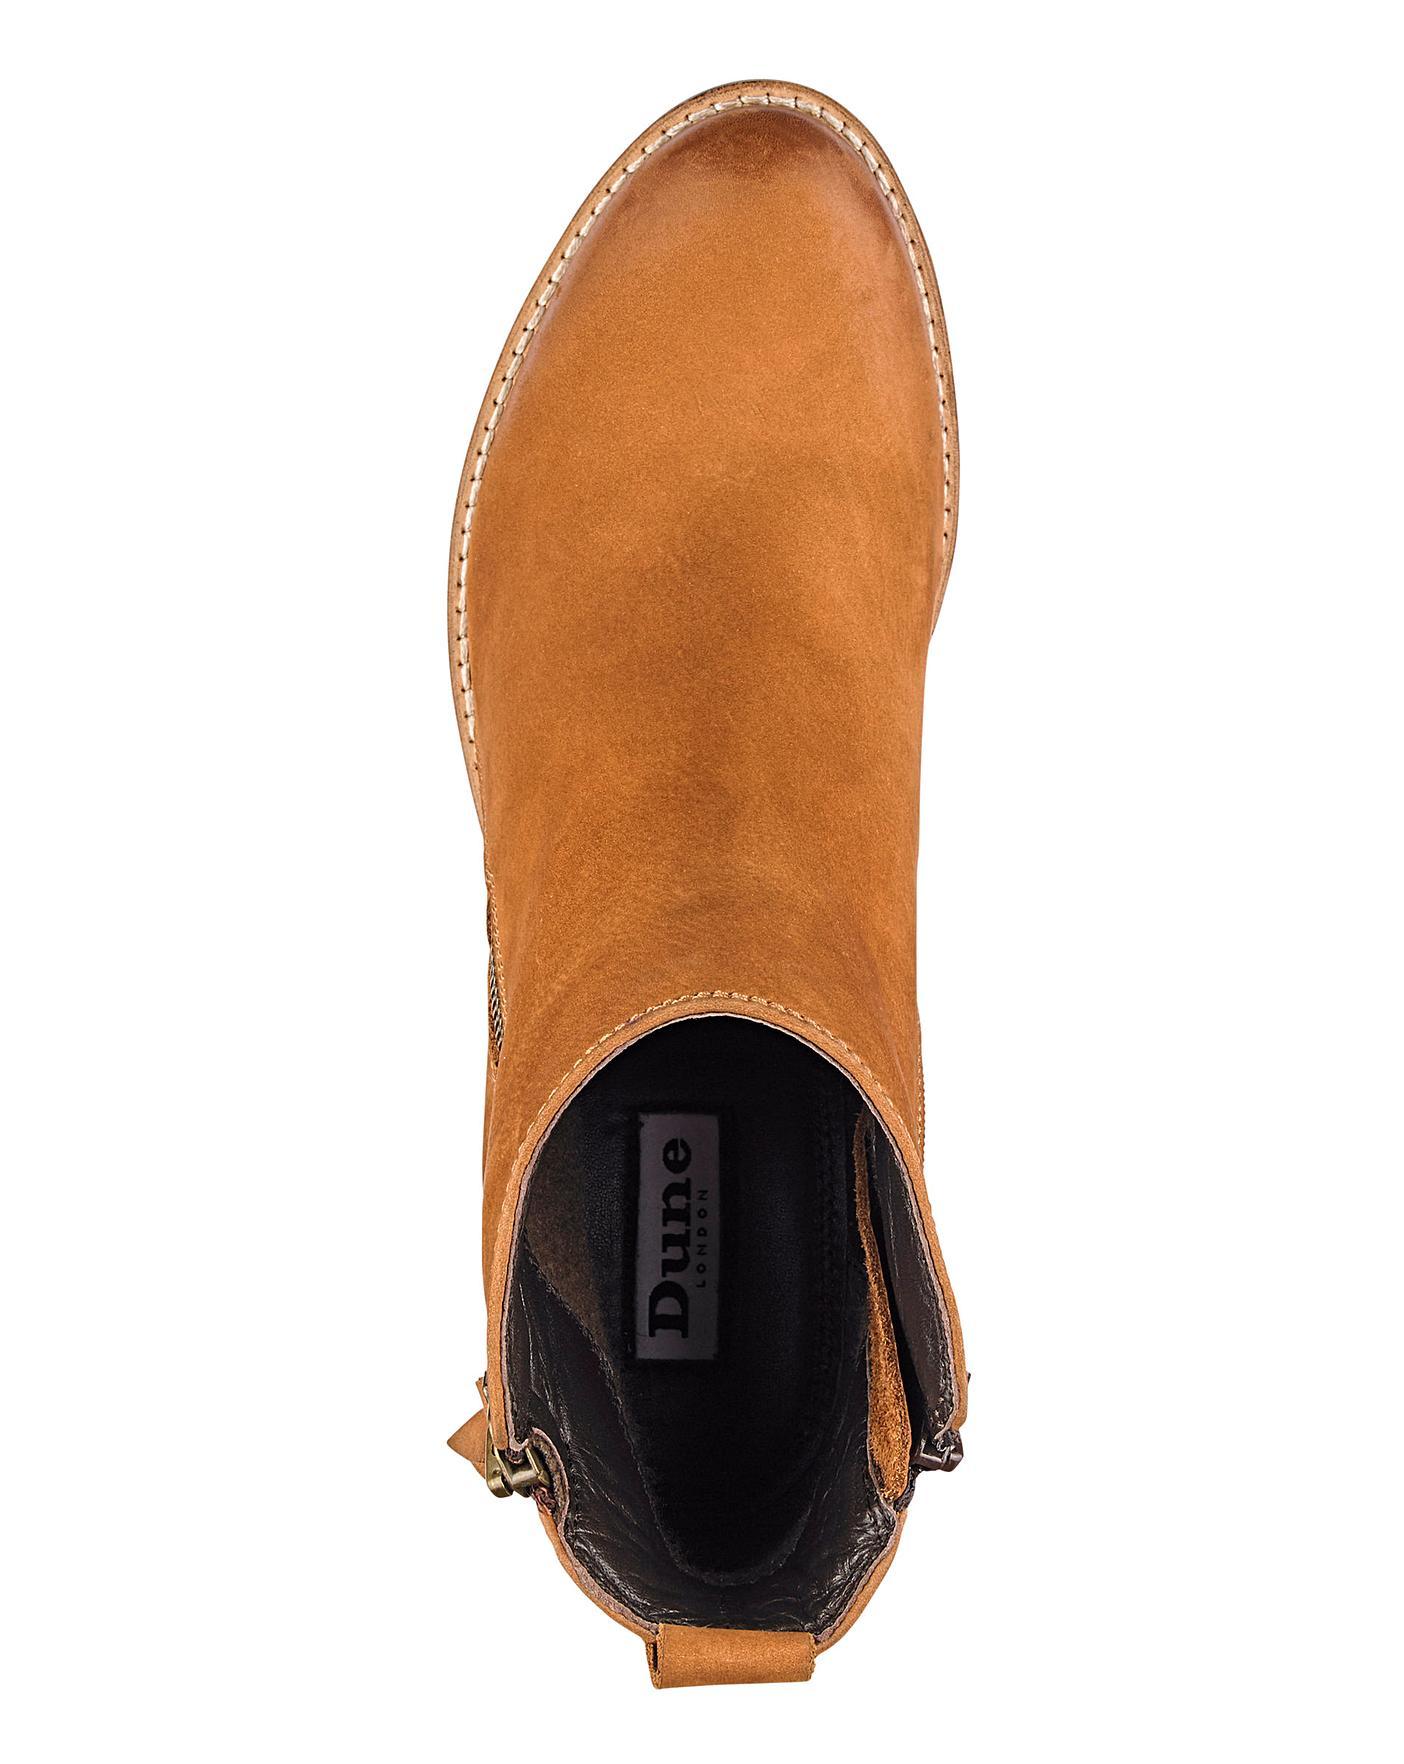 Dune Wide Fit Pontoon Zip Boot | J D